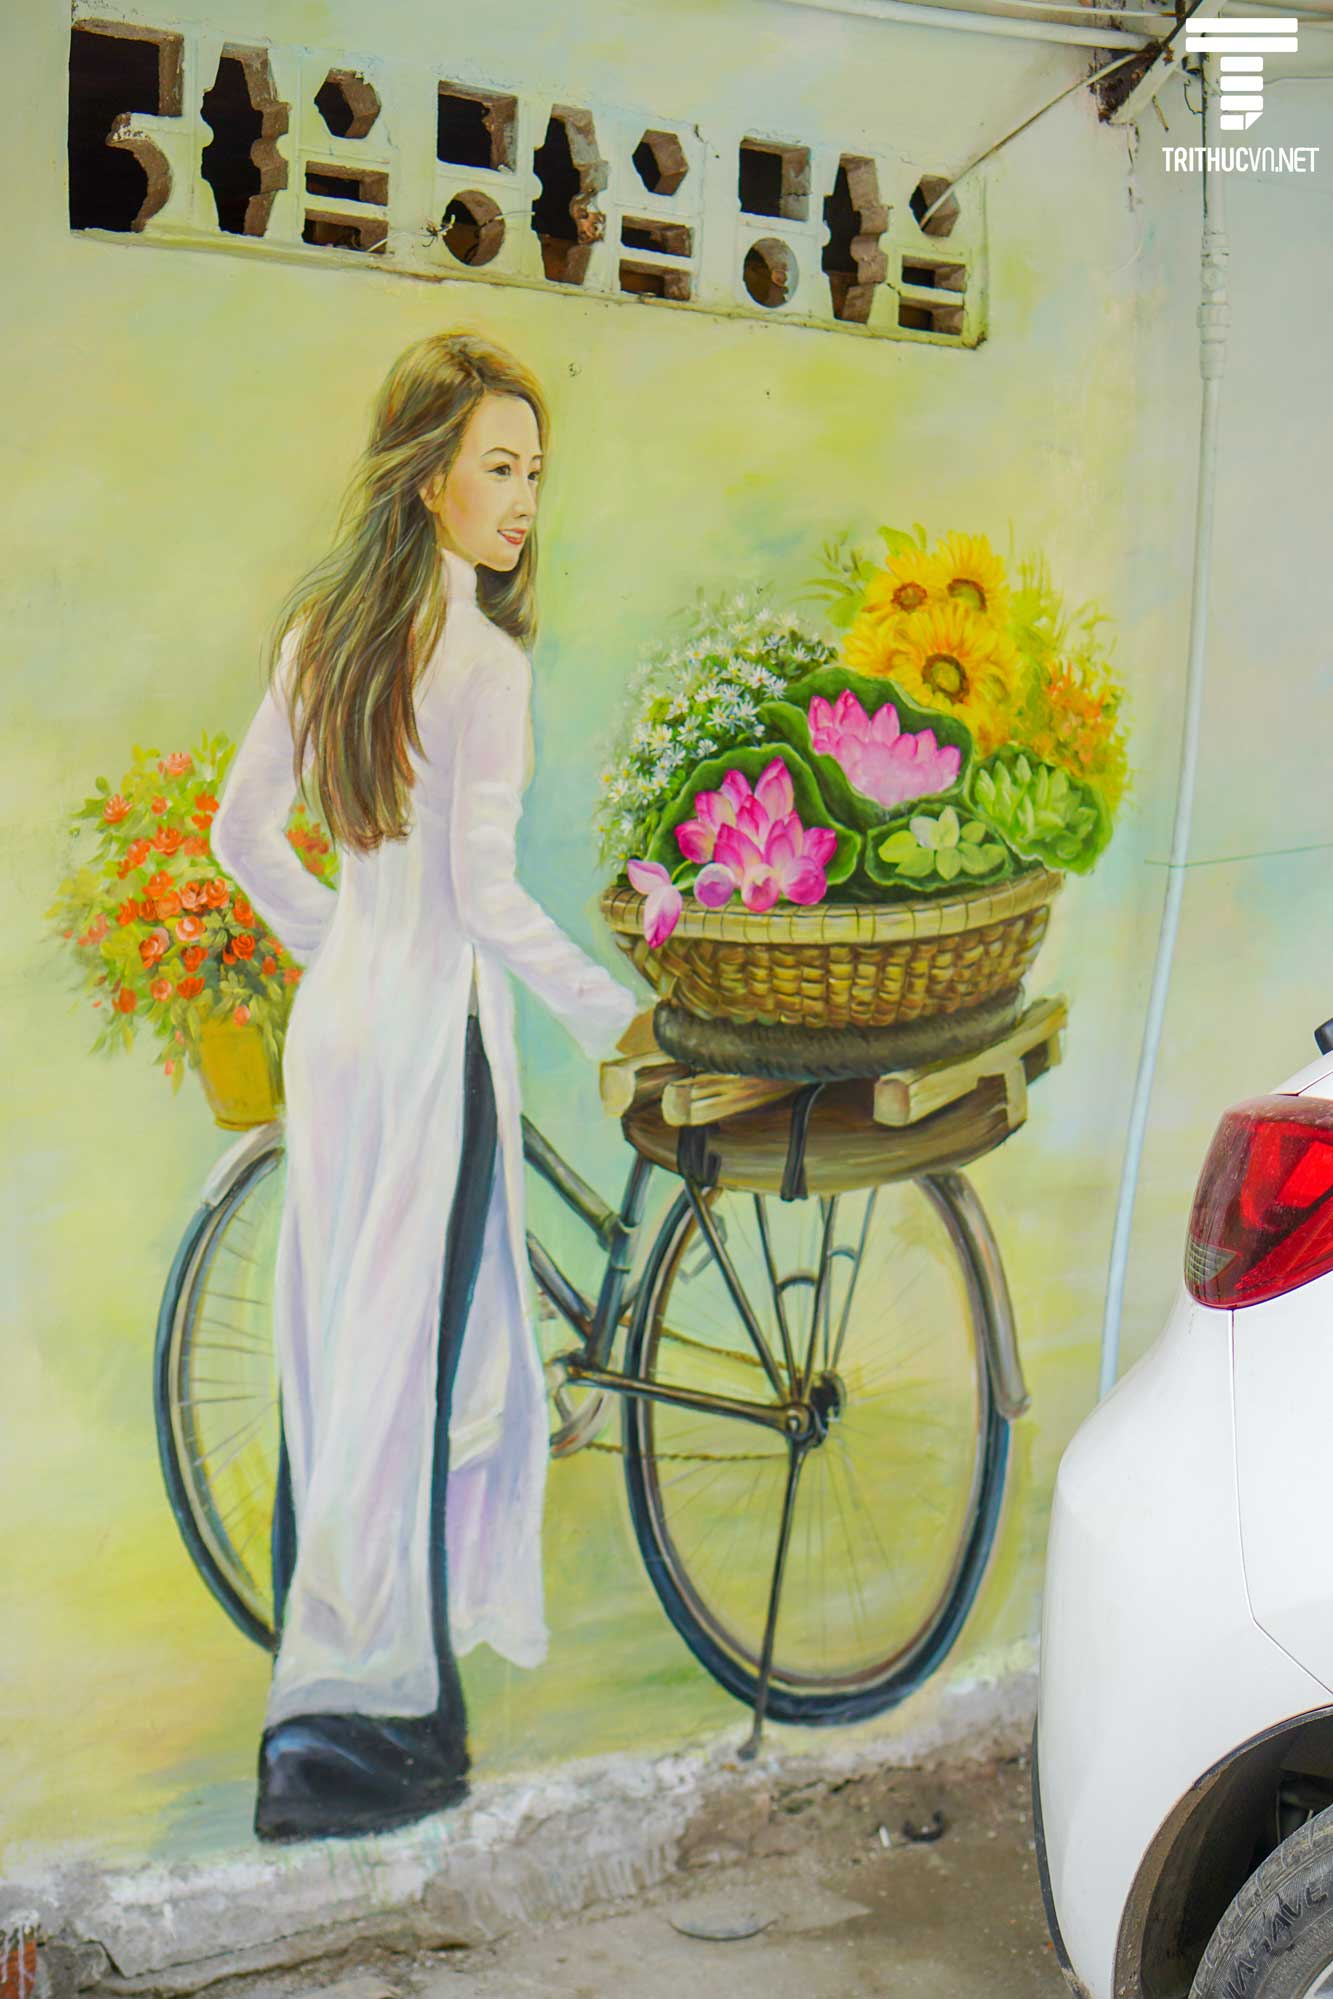 Khu tập thể cũ Hà Nội bỗng trở nên sống động và tươi mới với bích họa 3D chào Xuân